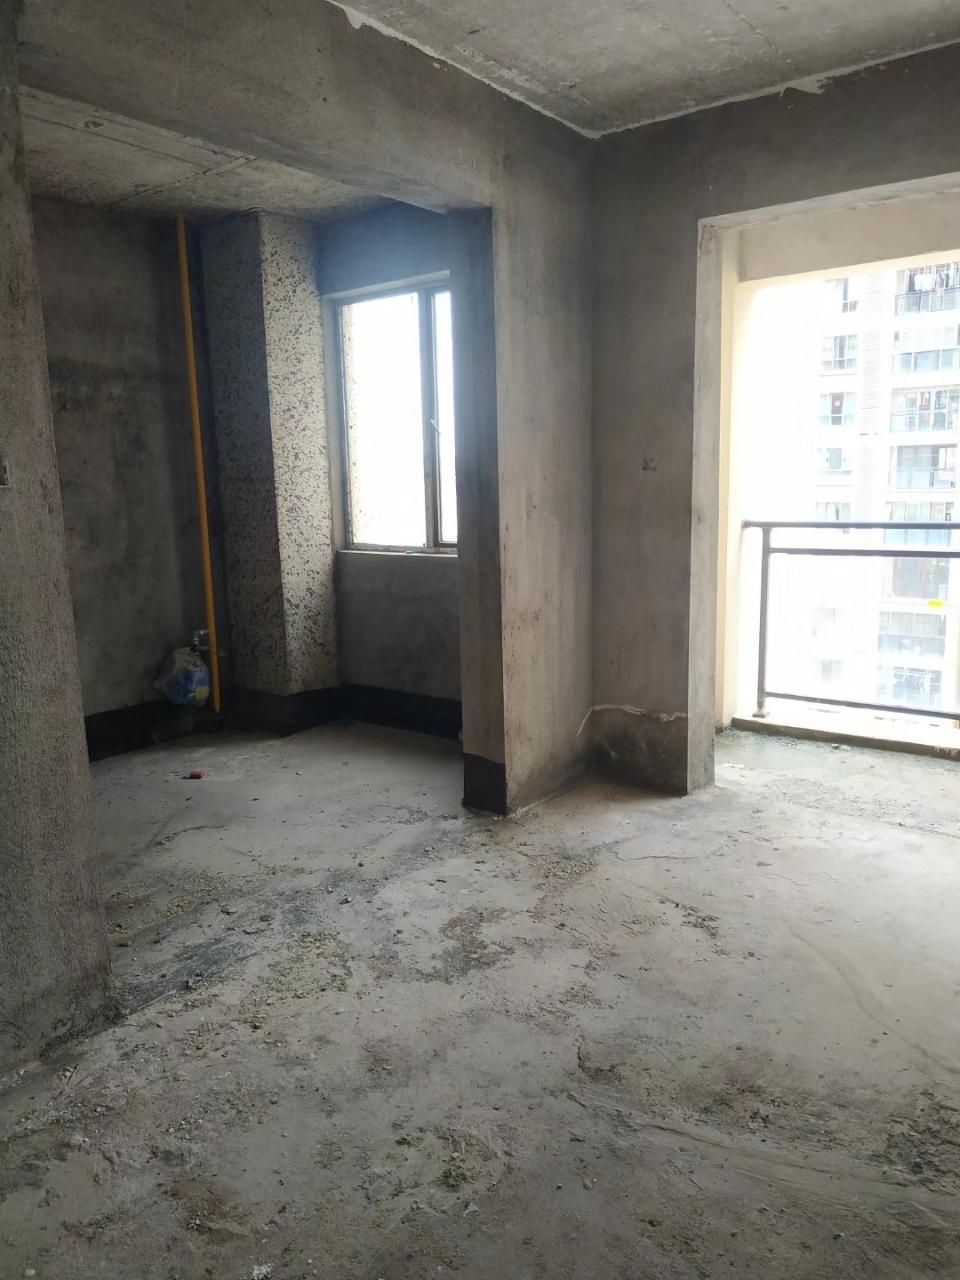 桃江龙城3室 2厅 2卫73.8万元